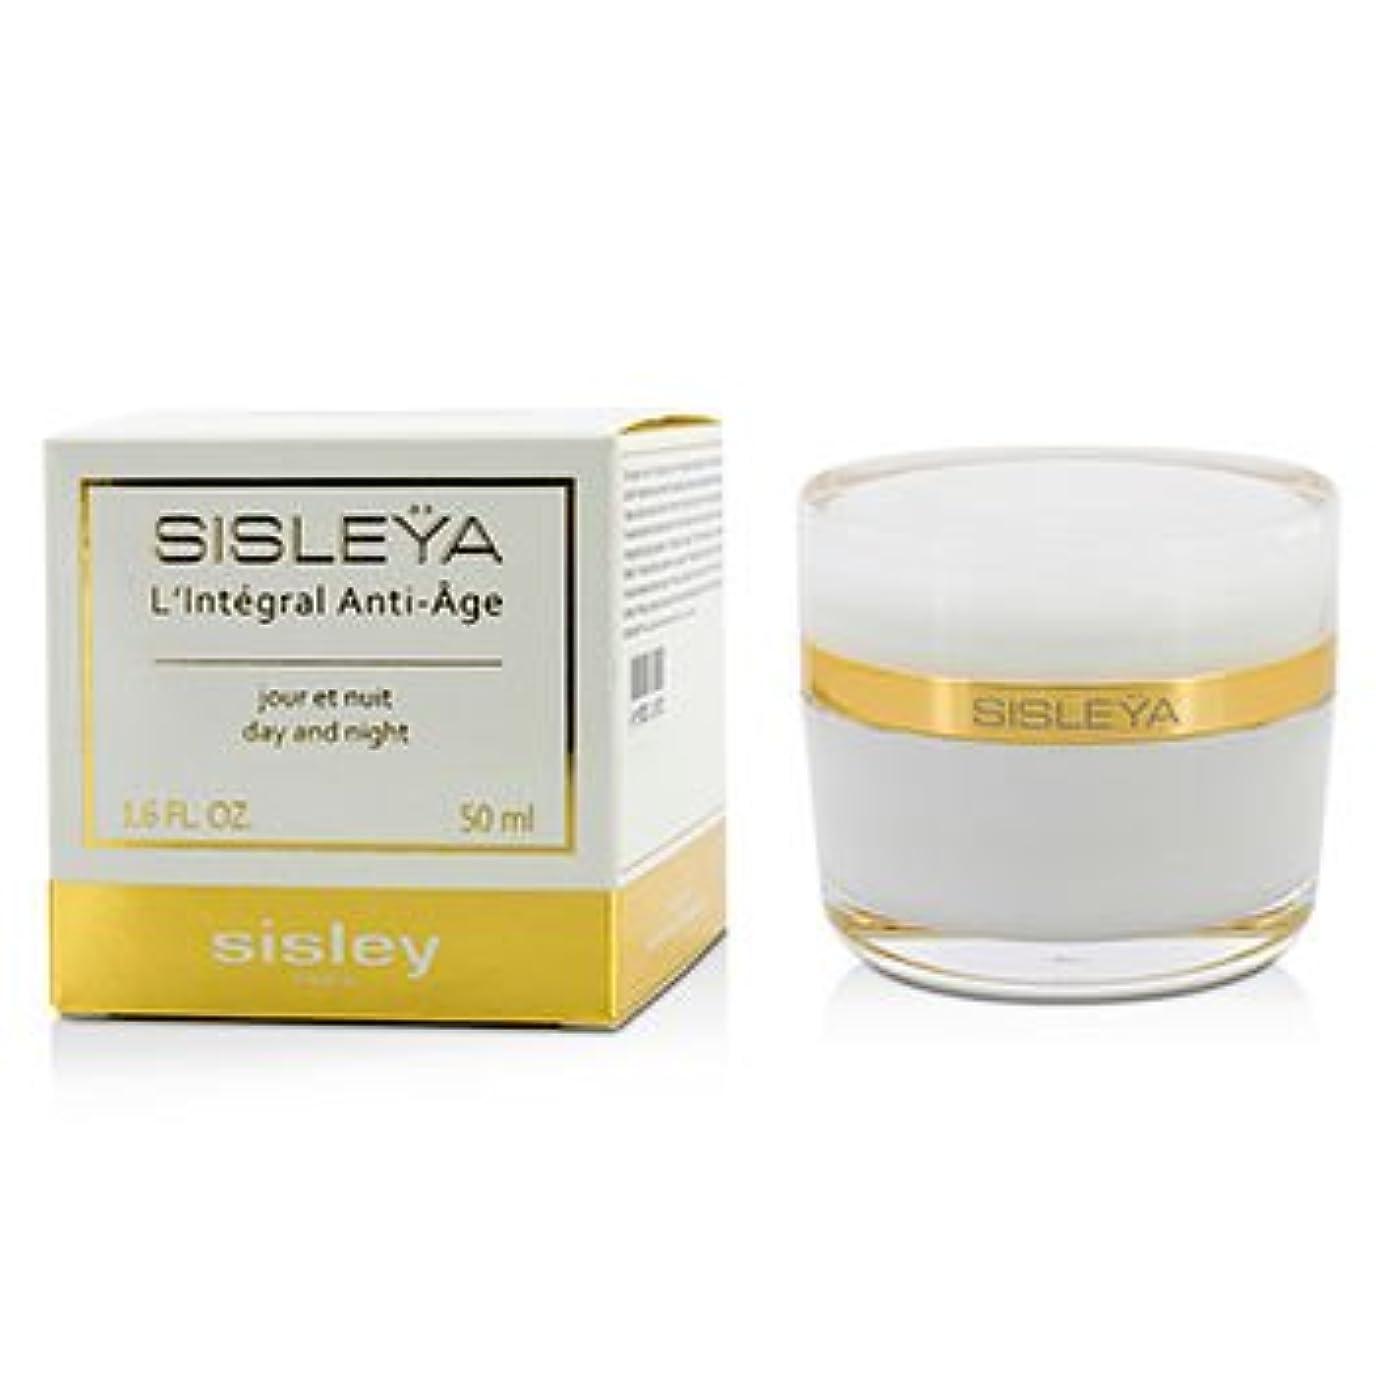 ナチュラほこりグレード[Sisley] Sisleya LIntegral Anti-Age Day And Night Cream 50ml/1.6oz